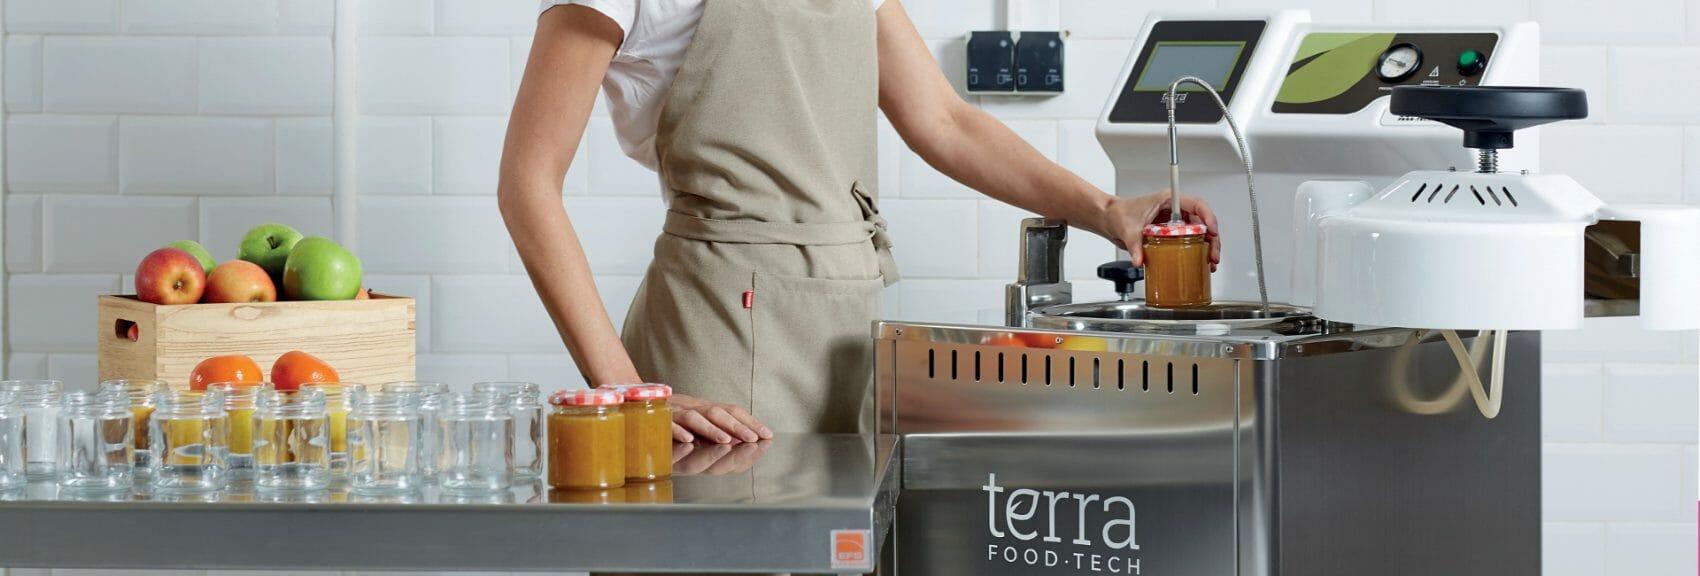 Autoclaves TERRA Food-Tech para la pasteurización y esterilización, presente en obradores compartidos.